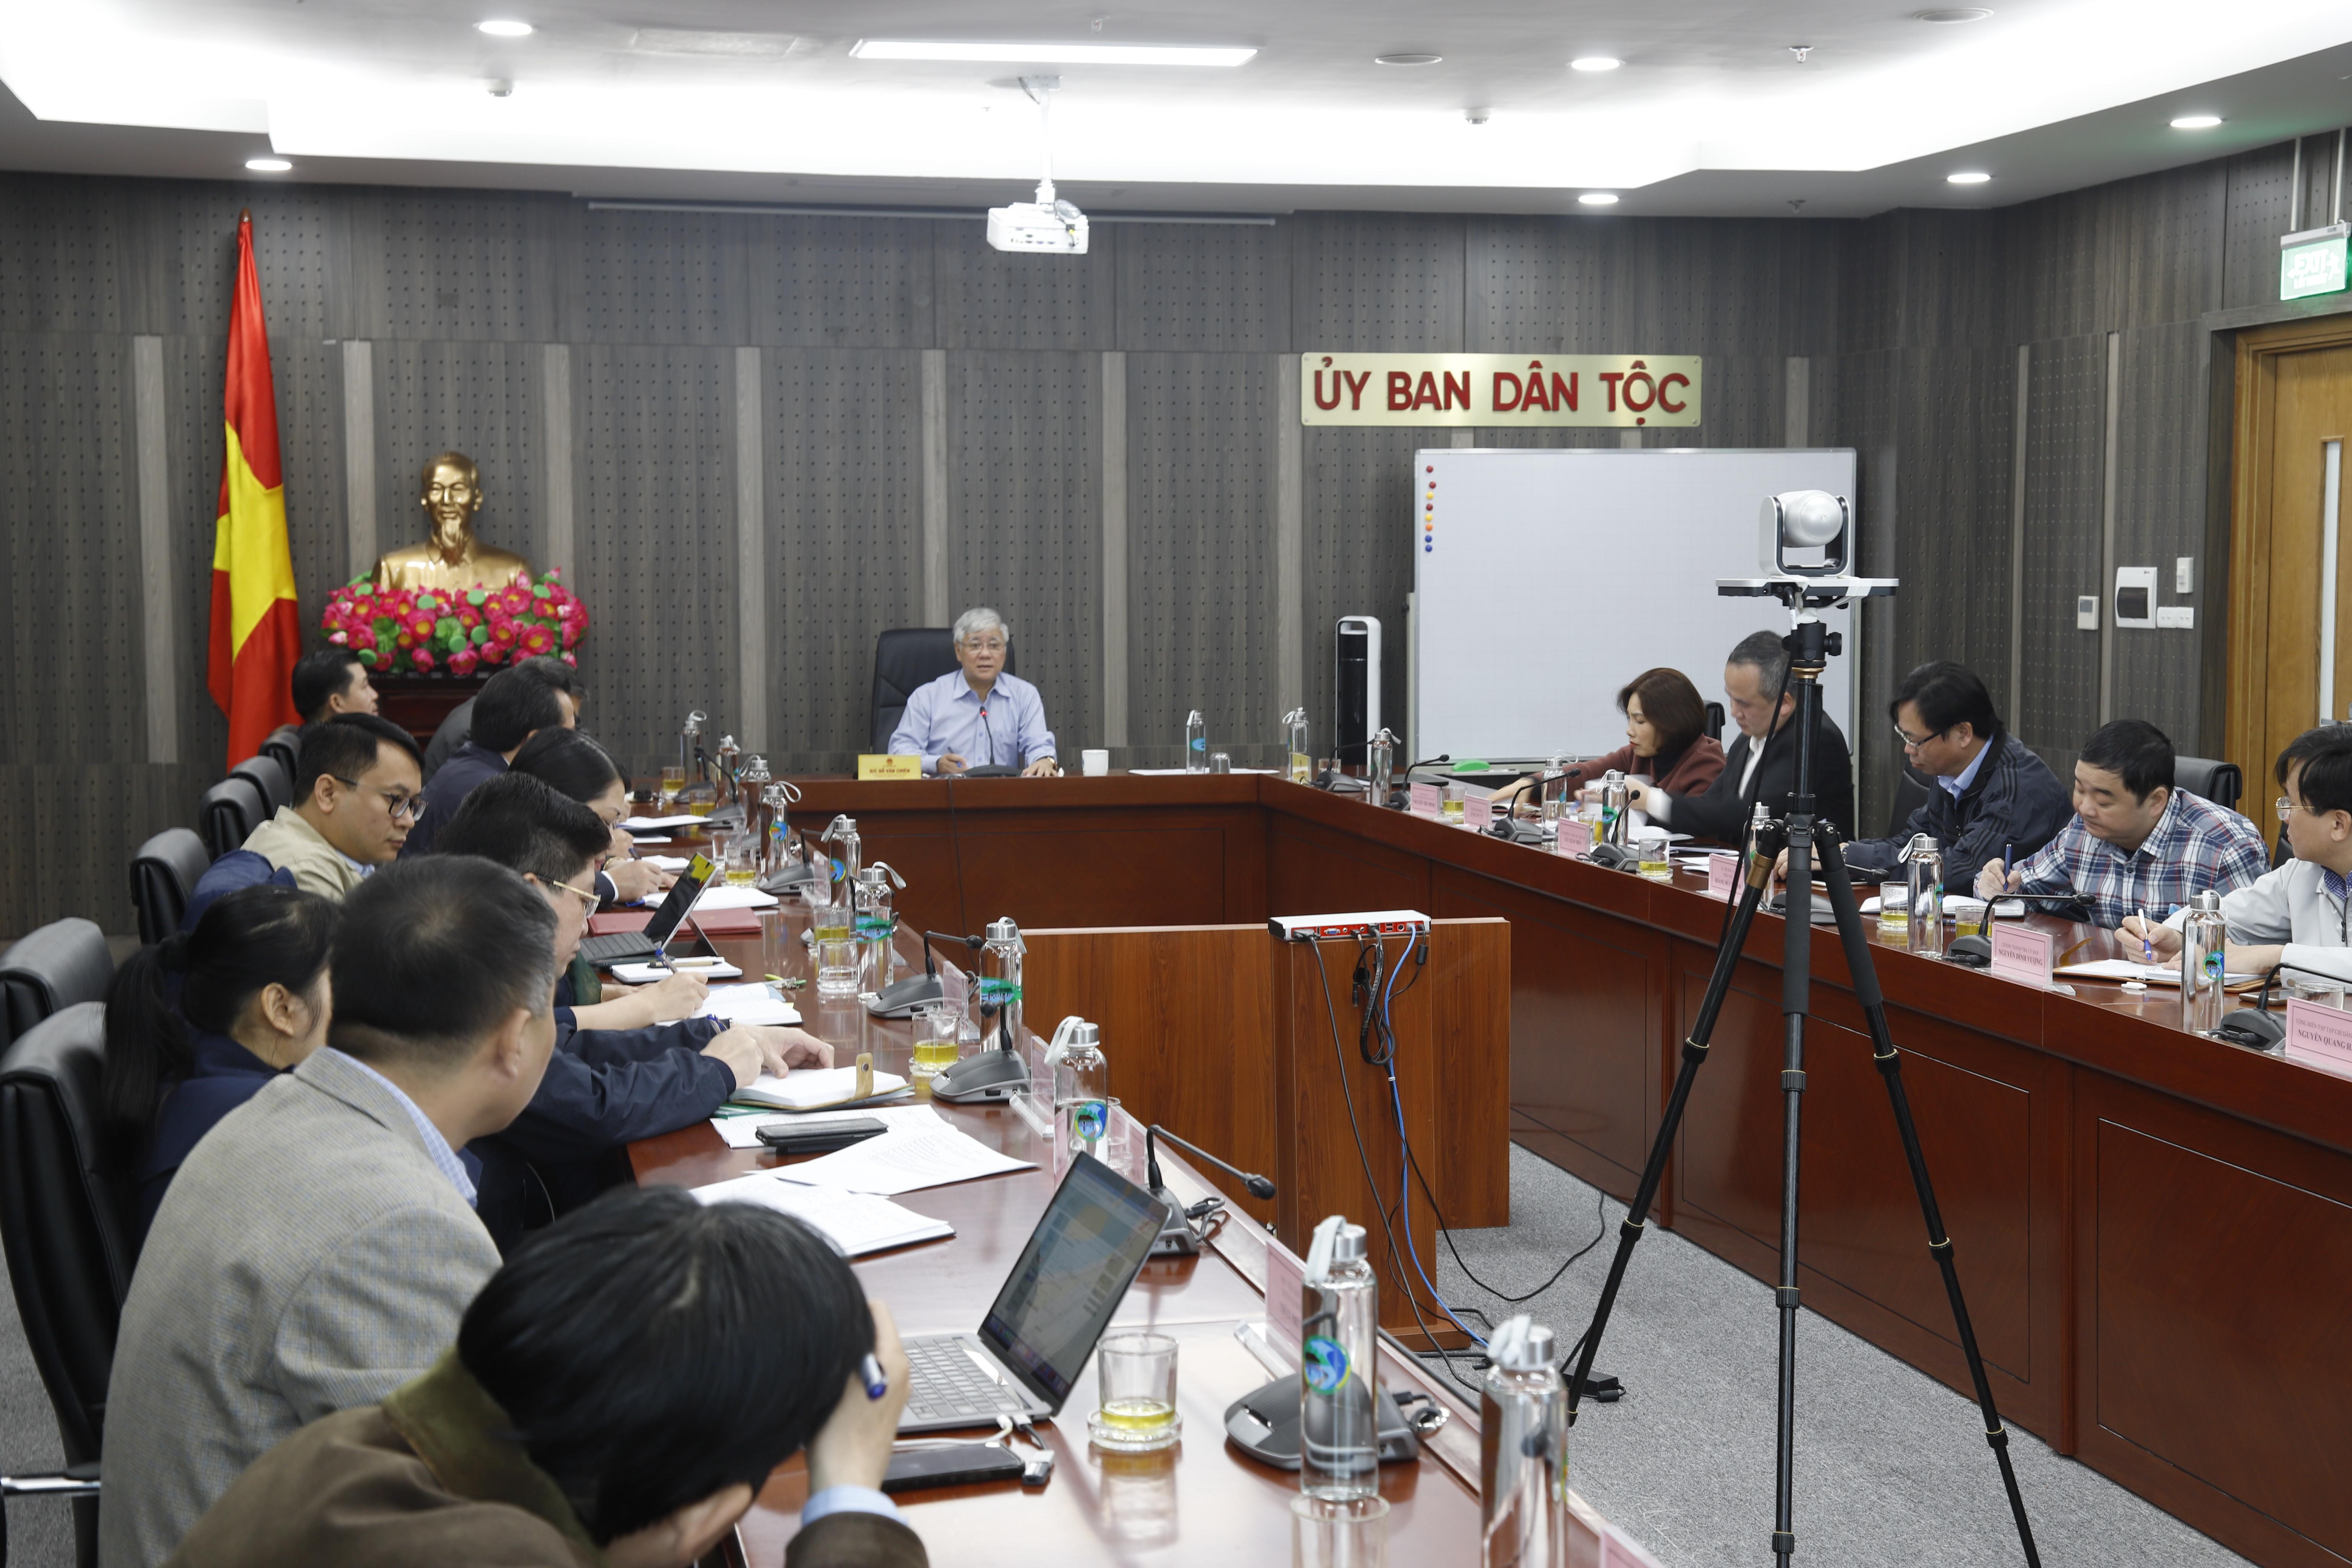 Bộ trưởng, Chủ nhiệm UBDT Đỗ Văn Chiến chủ trì họp giao ban lãnh đạo Ủy ban